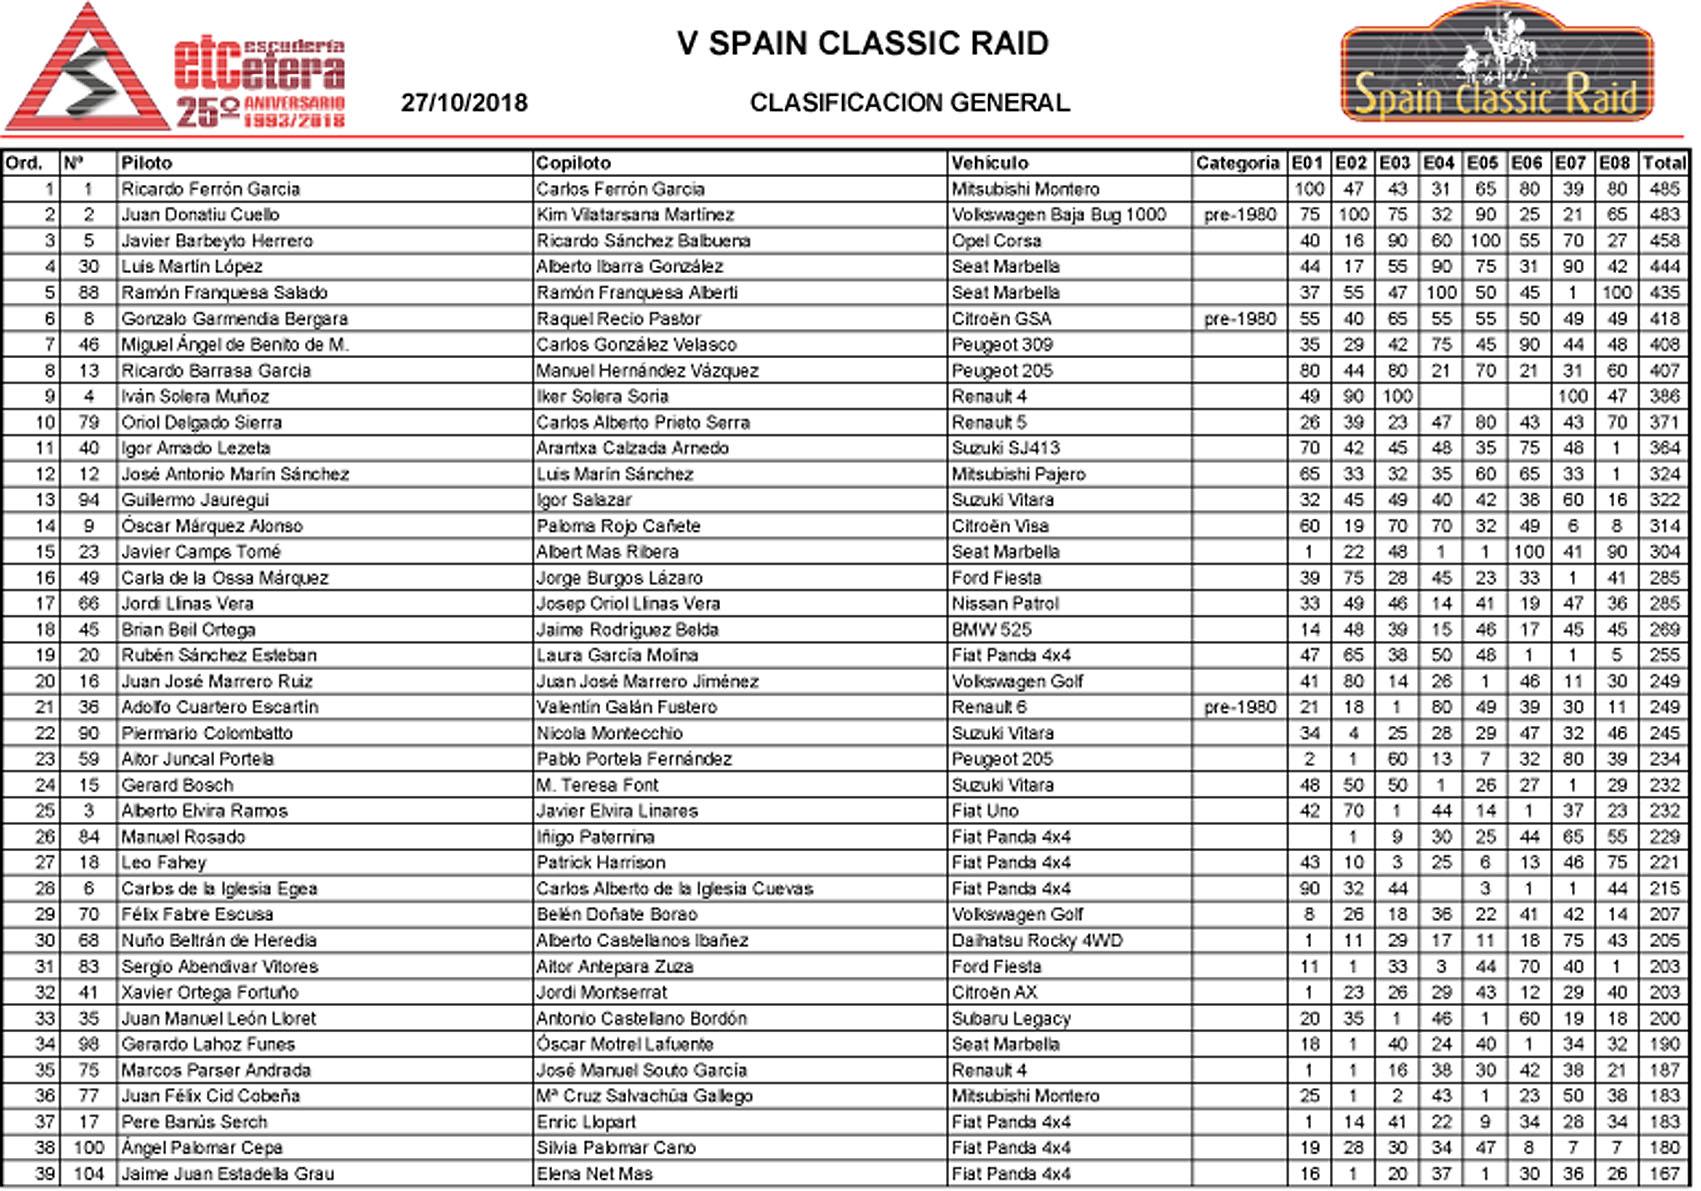 Clasificación V Spain Classic Raid